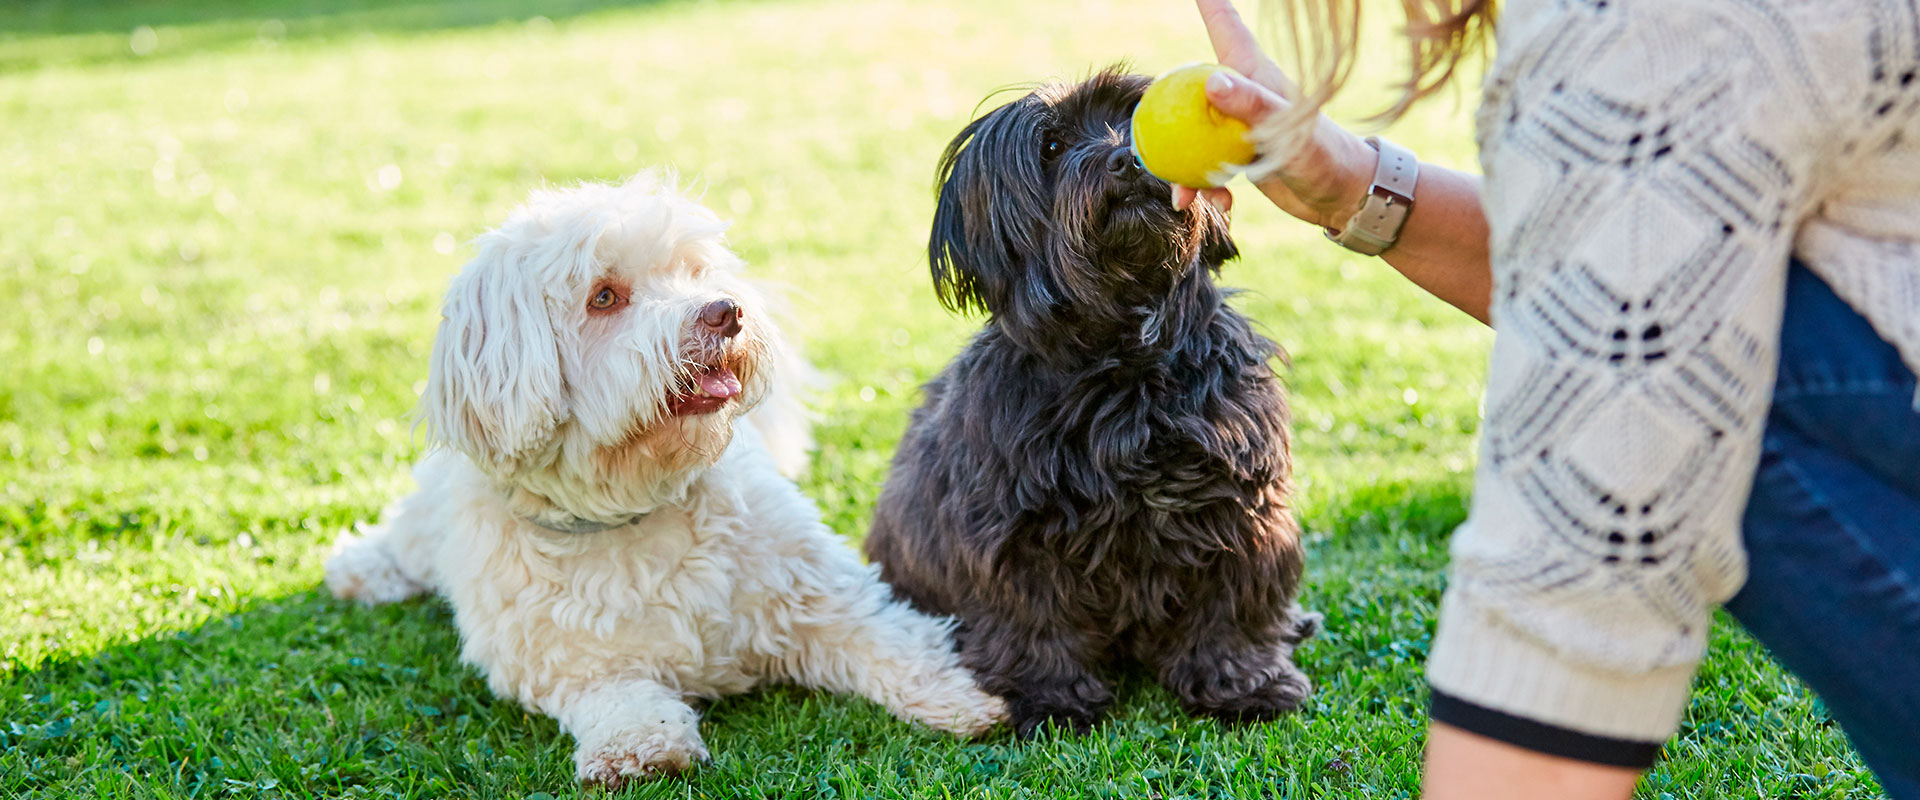 Dos perritos volteando a ver la pelota que trae su dueña en la mano.